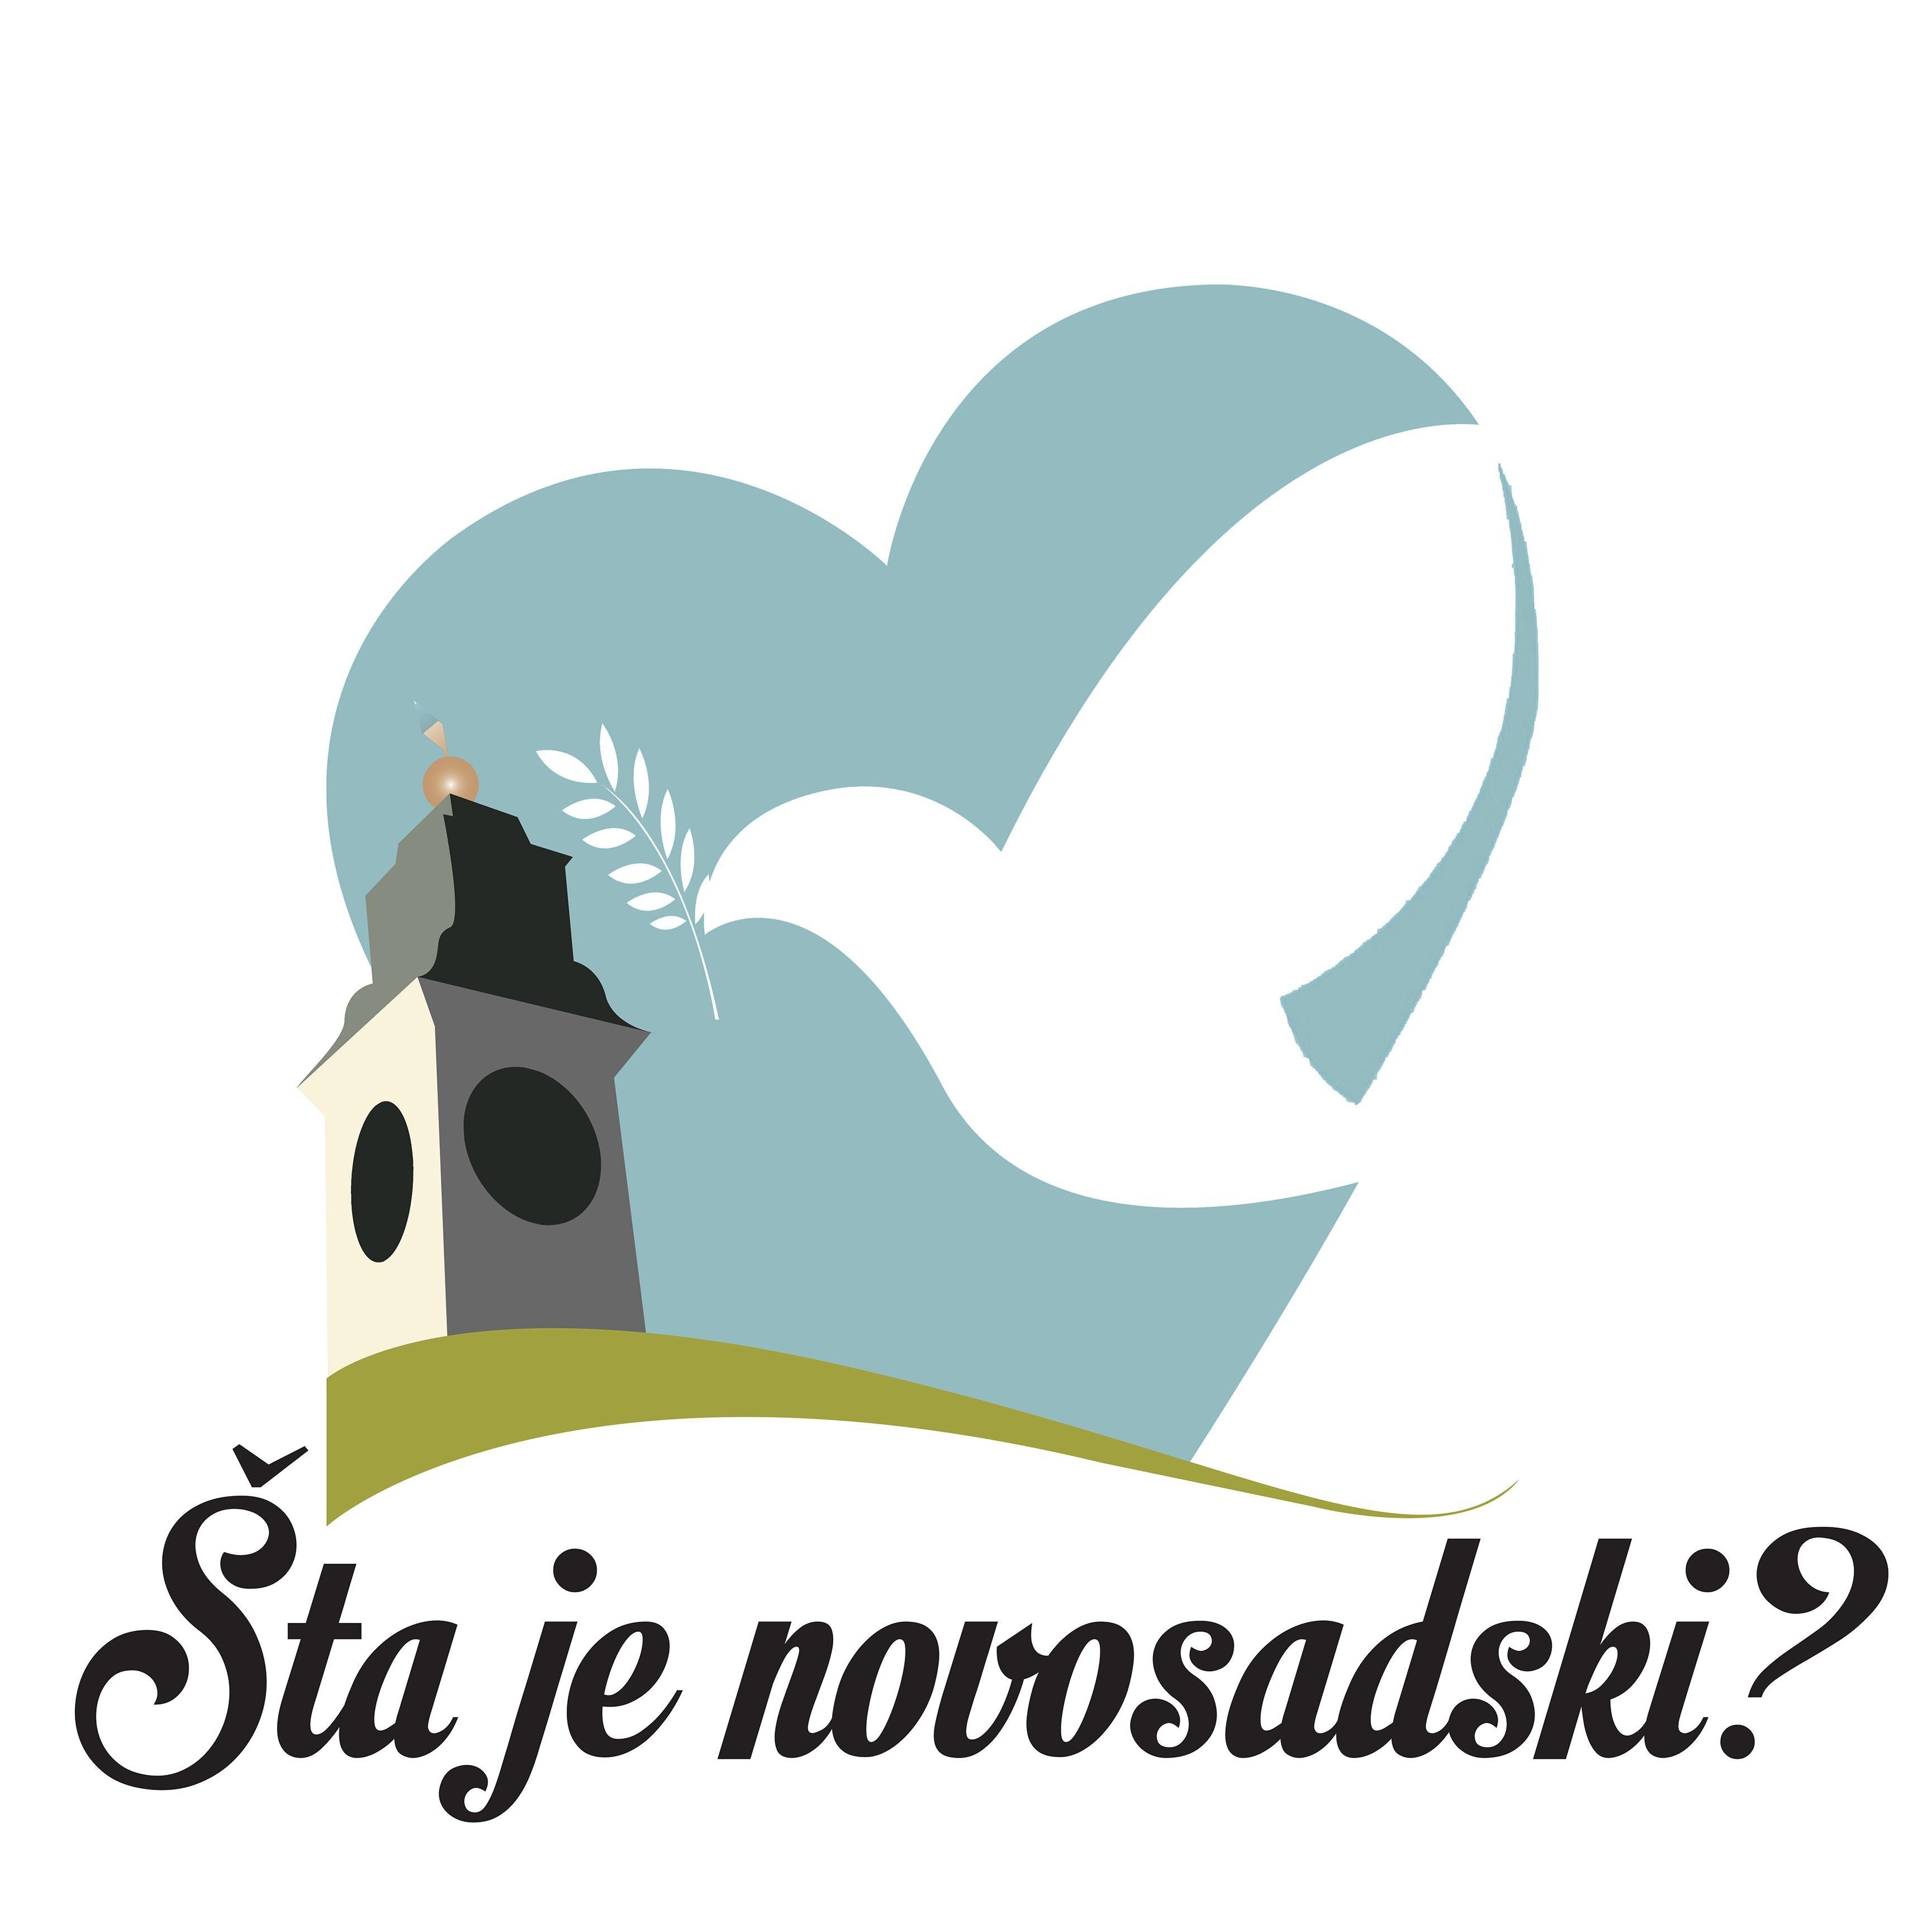 Sta je novosadski